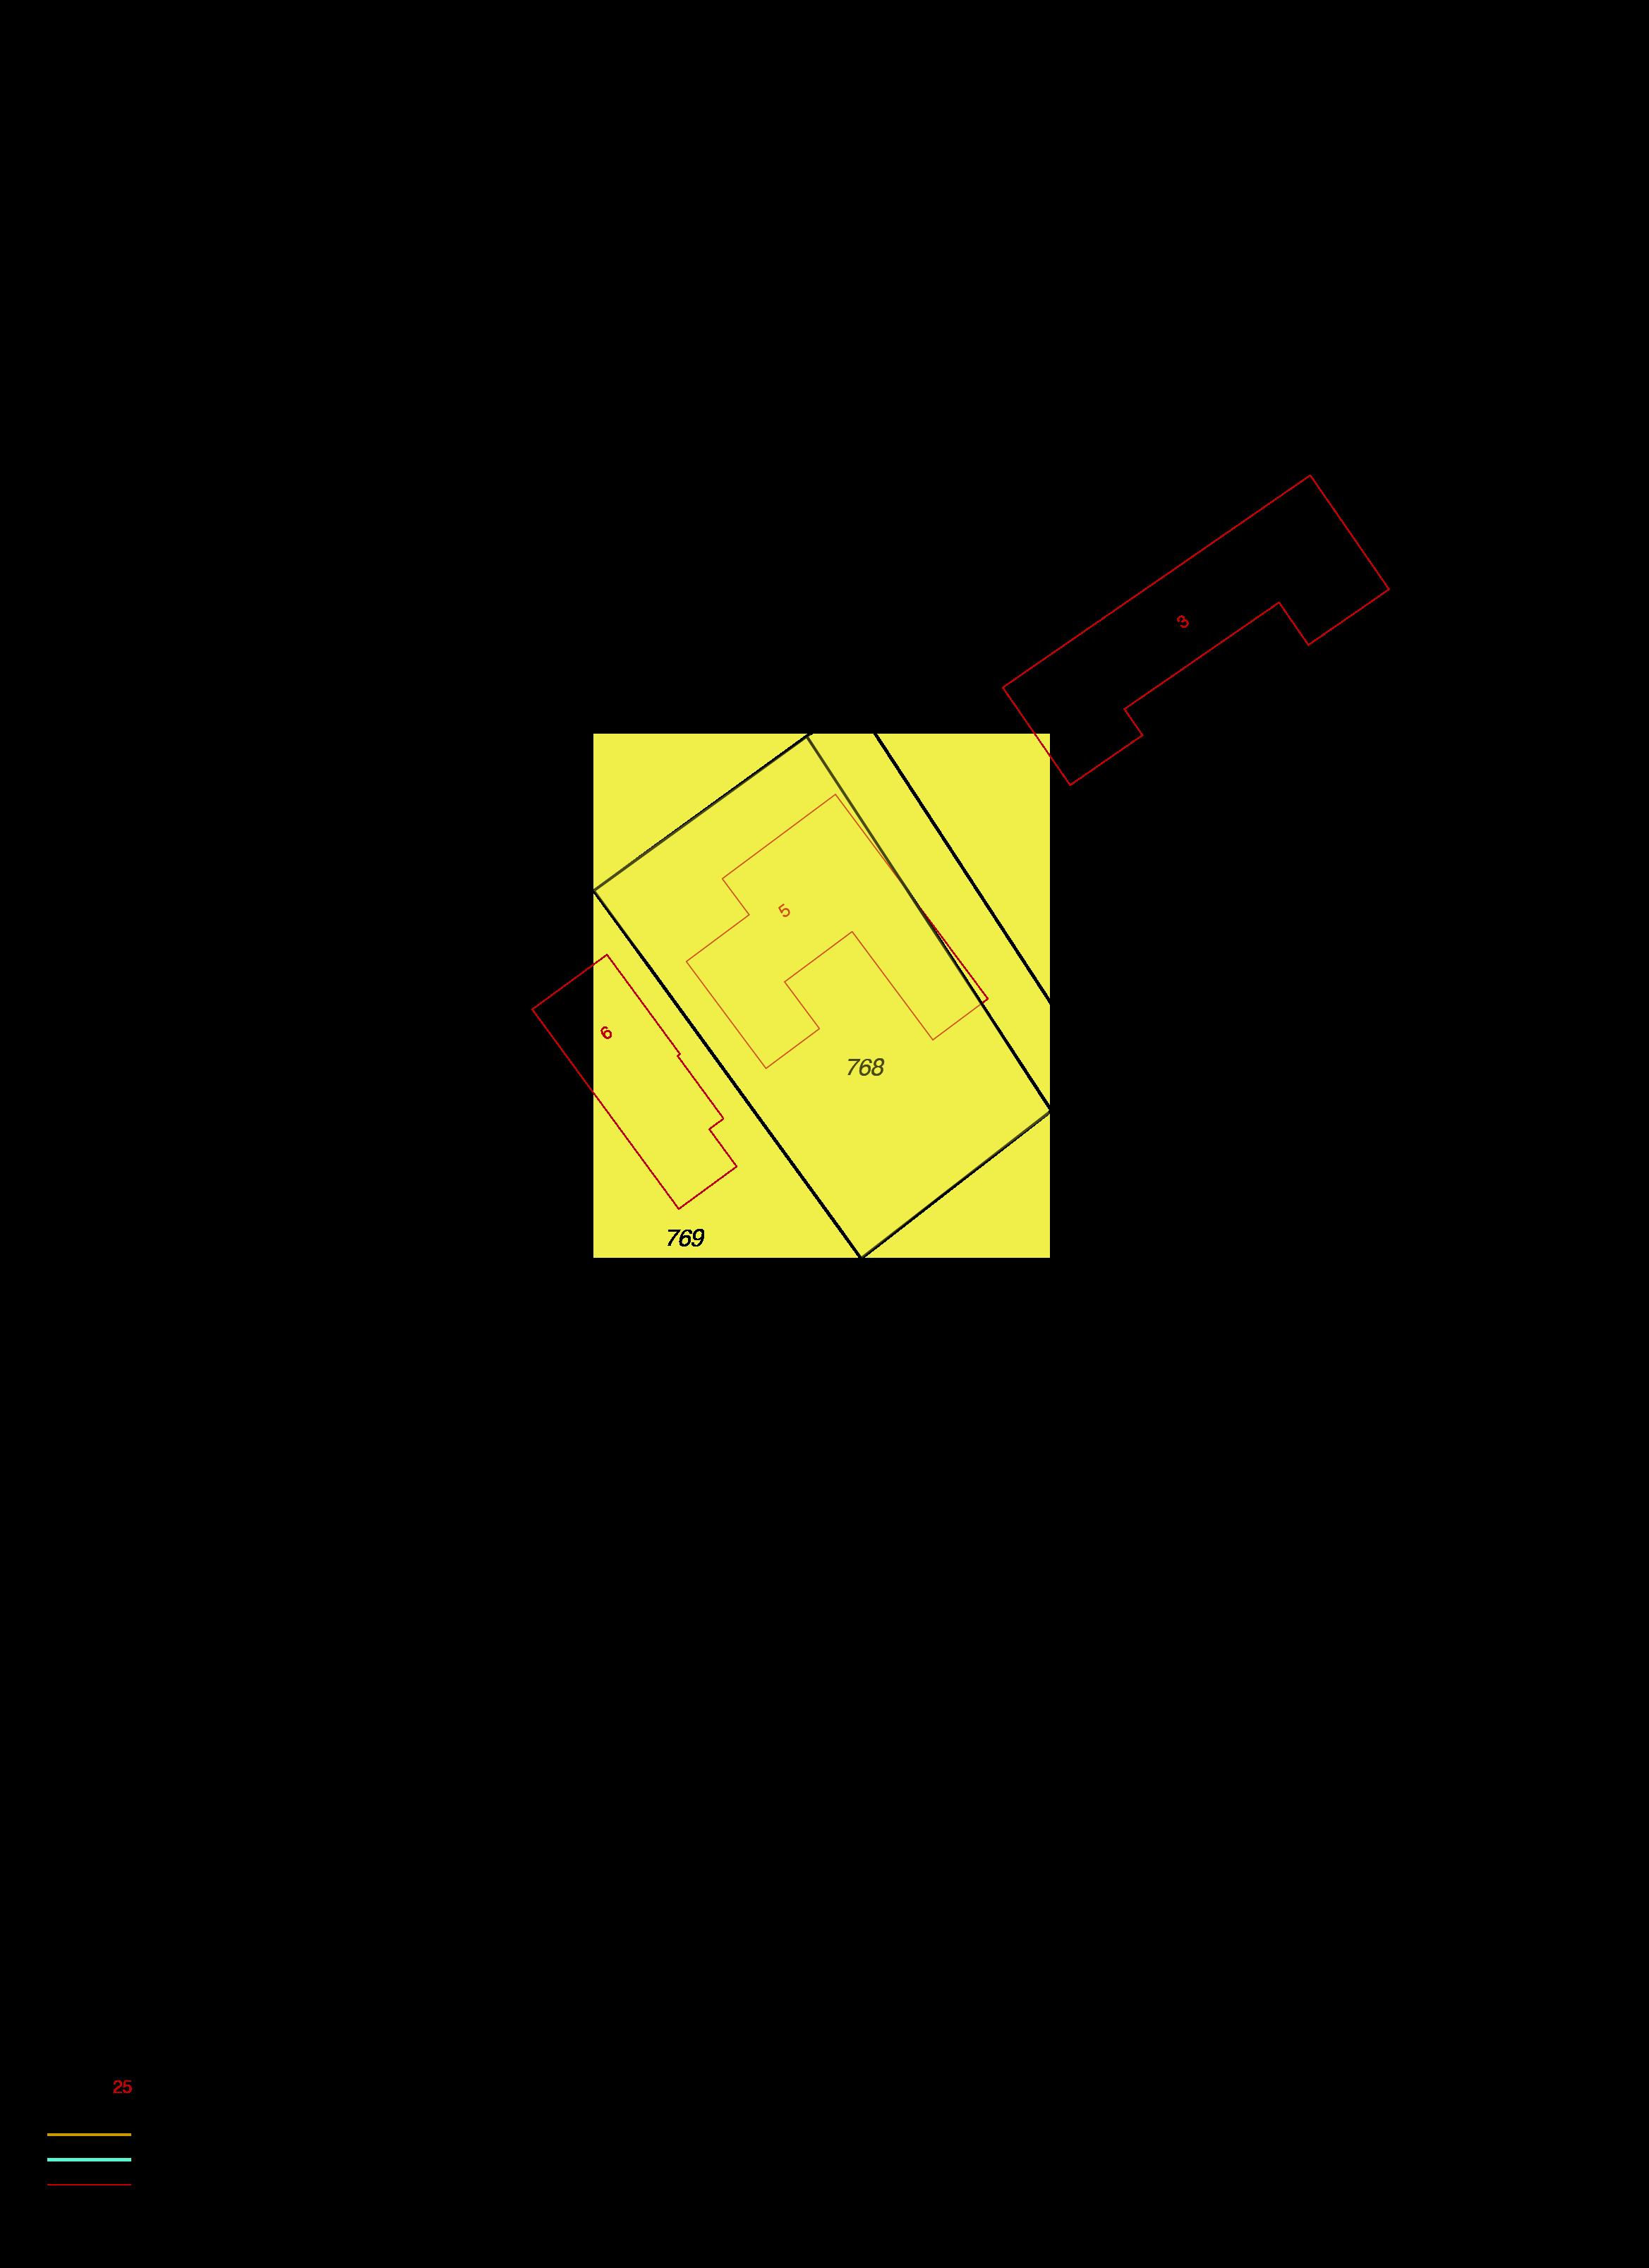 Uittreksel kadastrale kaart hollestelleweg 5 ovezande ism makelaars